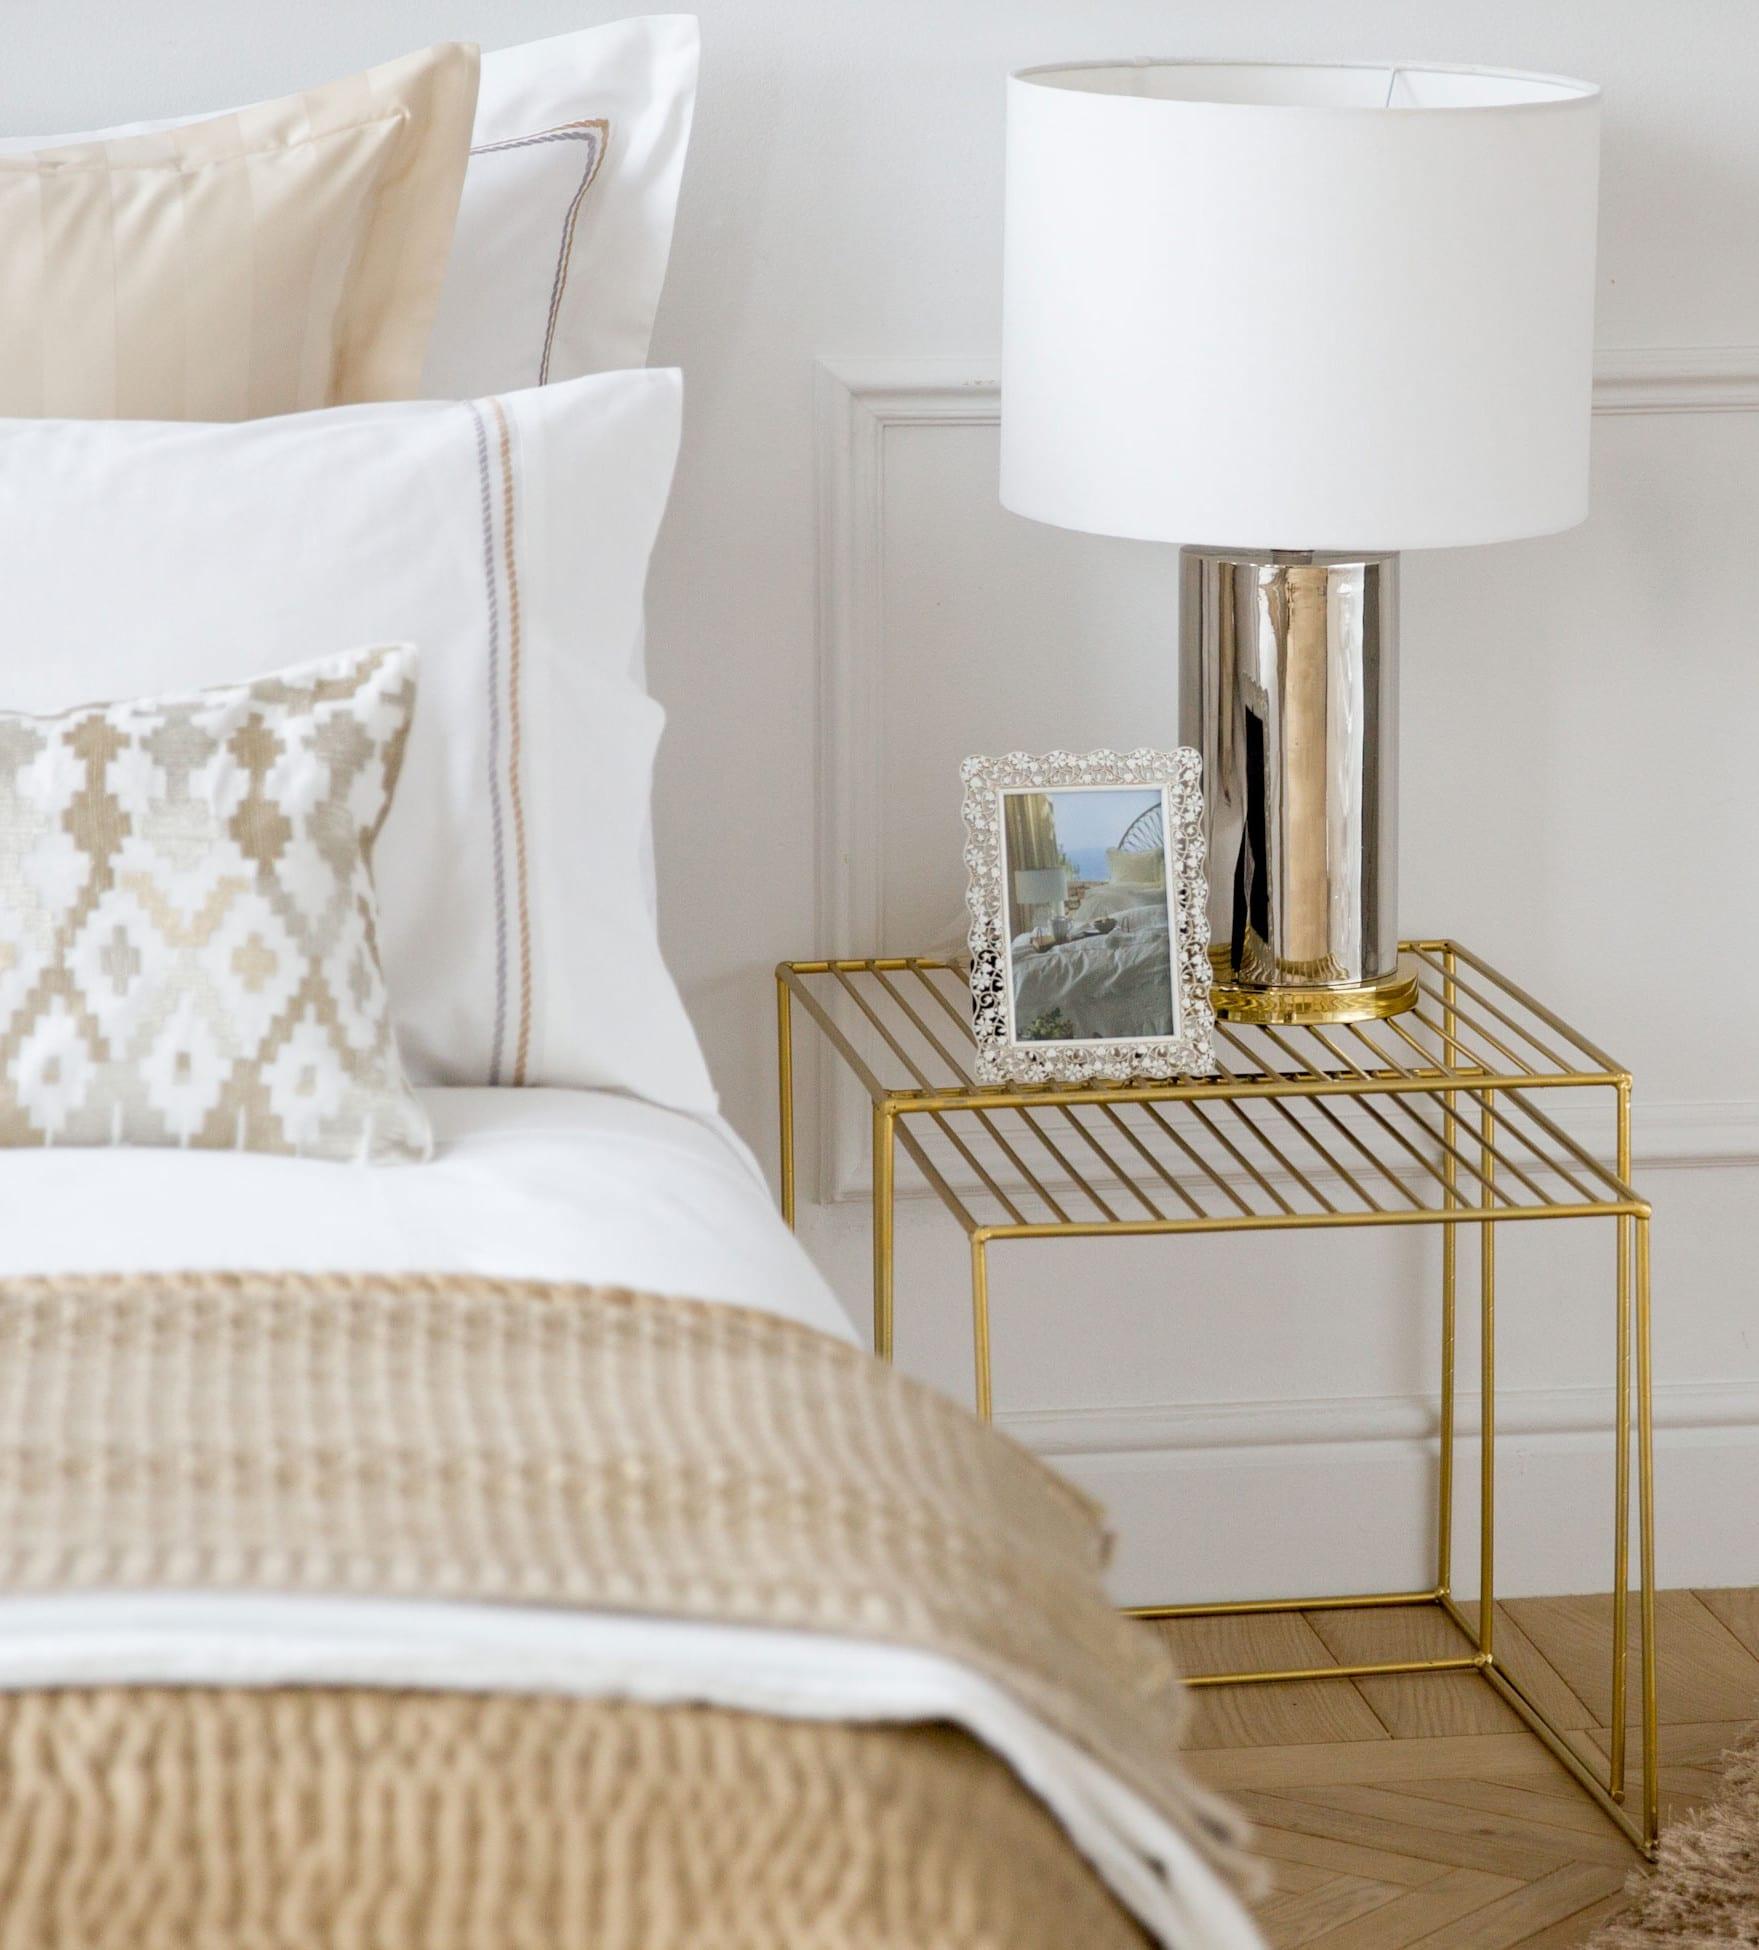 schlafzimmer weiß einrichten mit zara home bettwäsche beige und gitter-beistelltisch gold